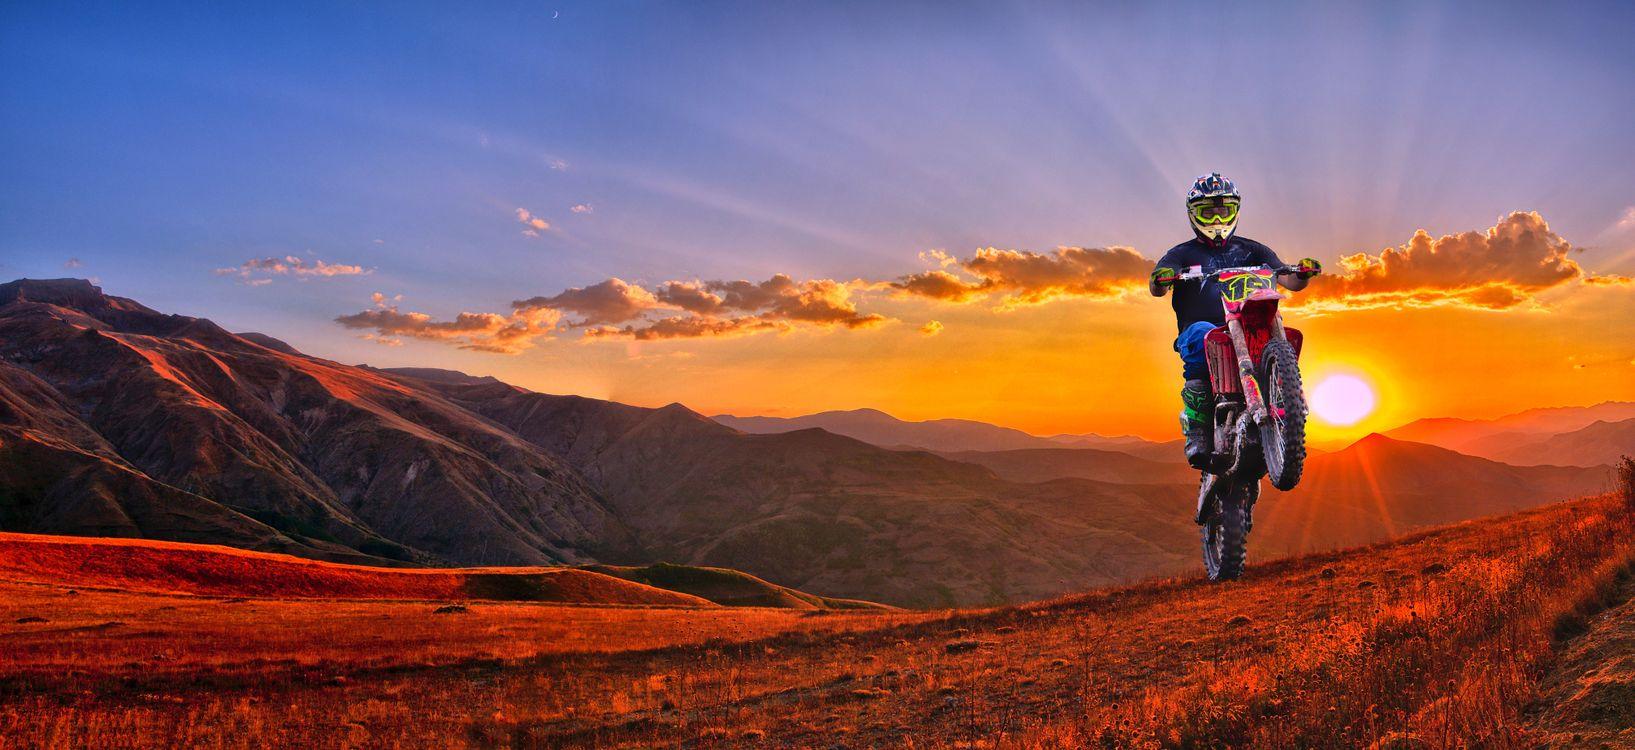 Фото бесплатно закат, горы, мотоциклист, пейзаж, панорама, пейзажи